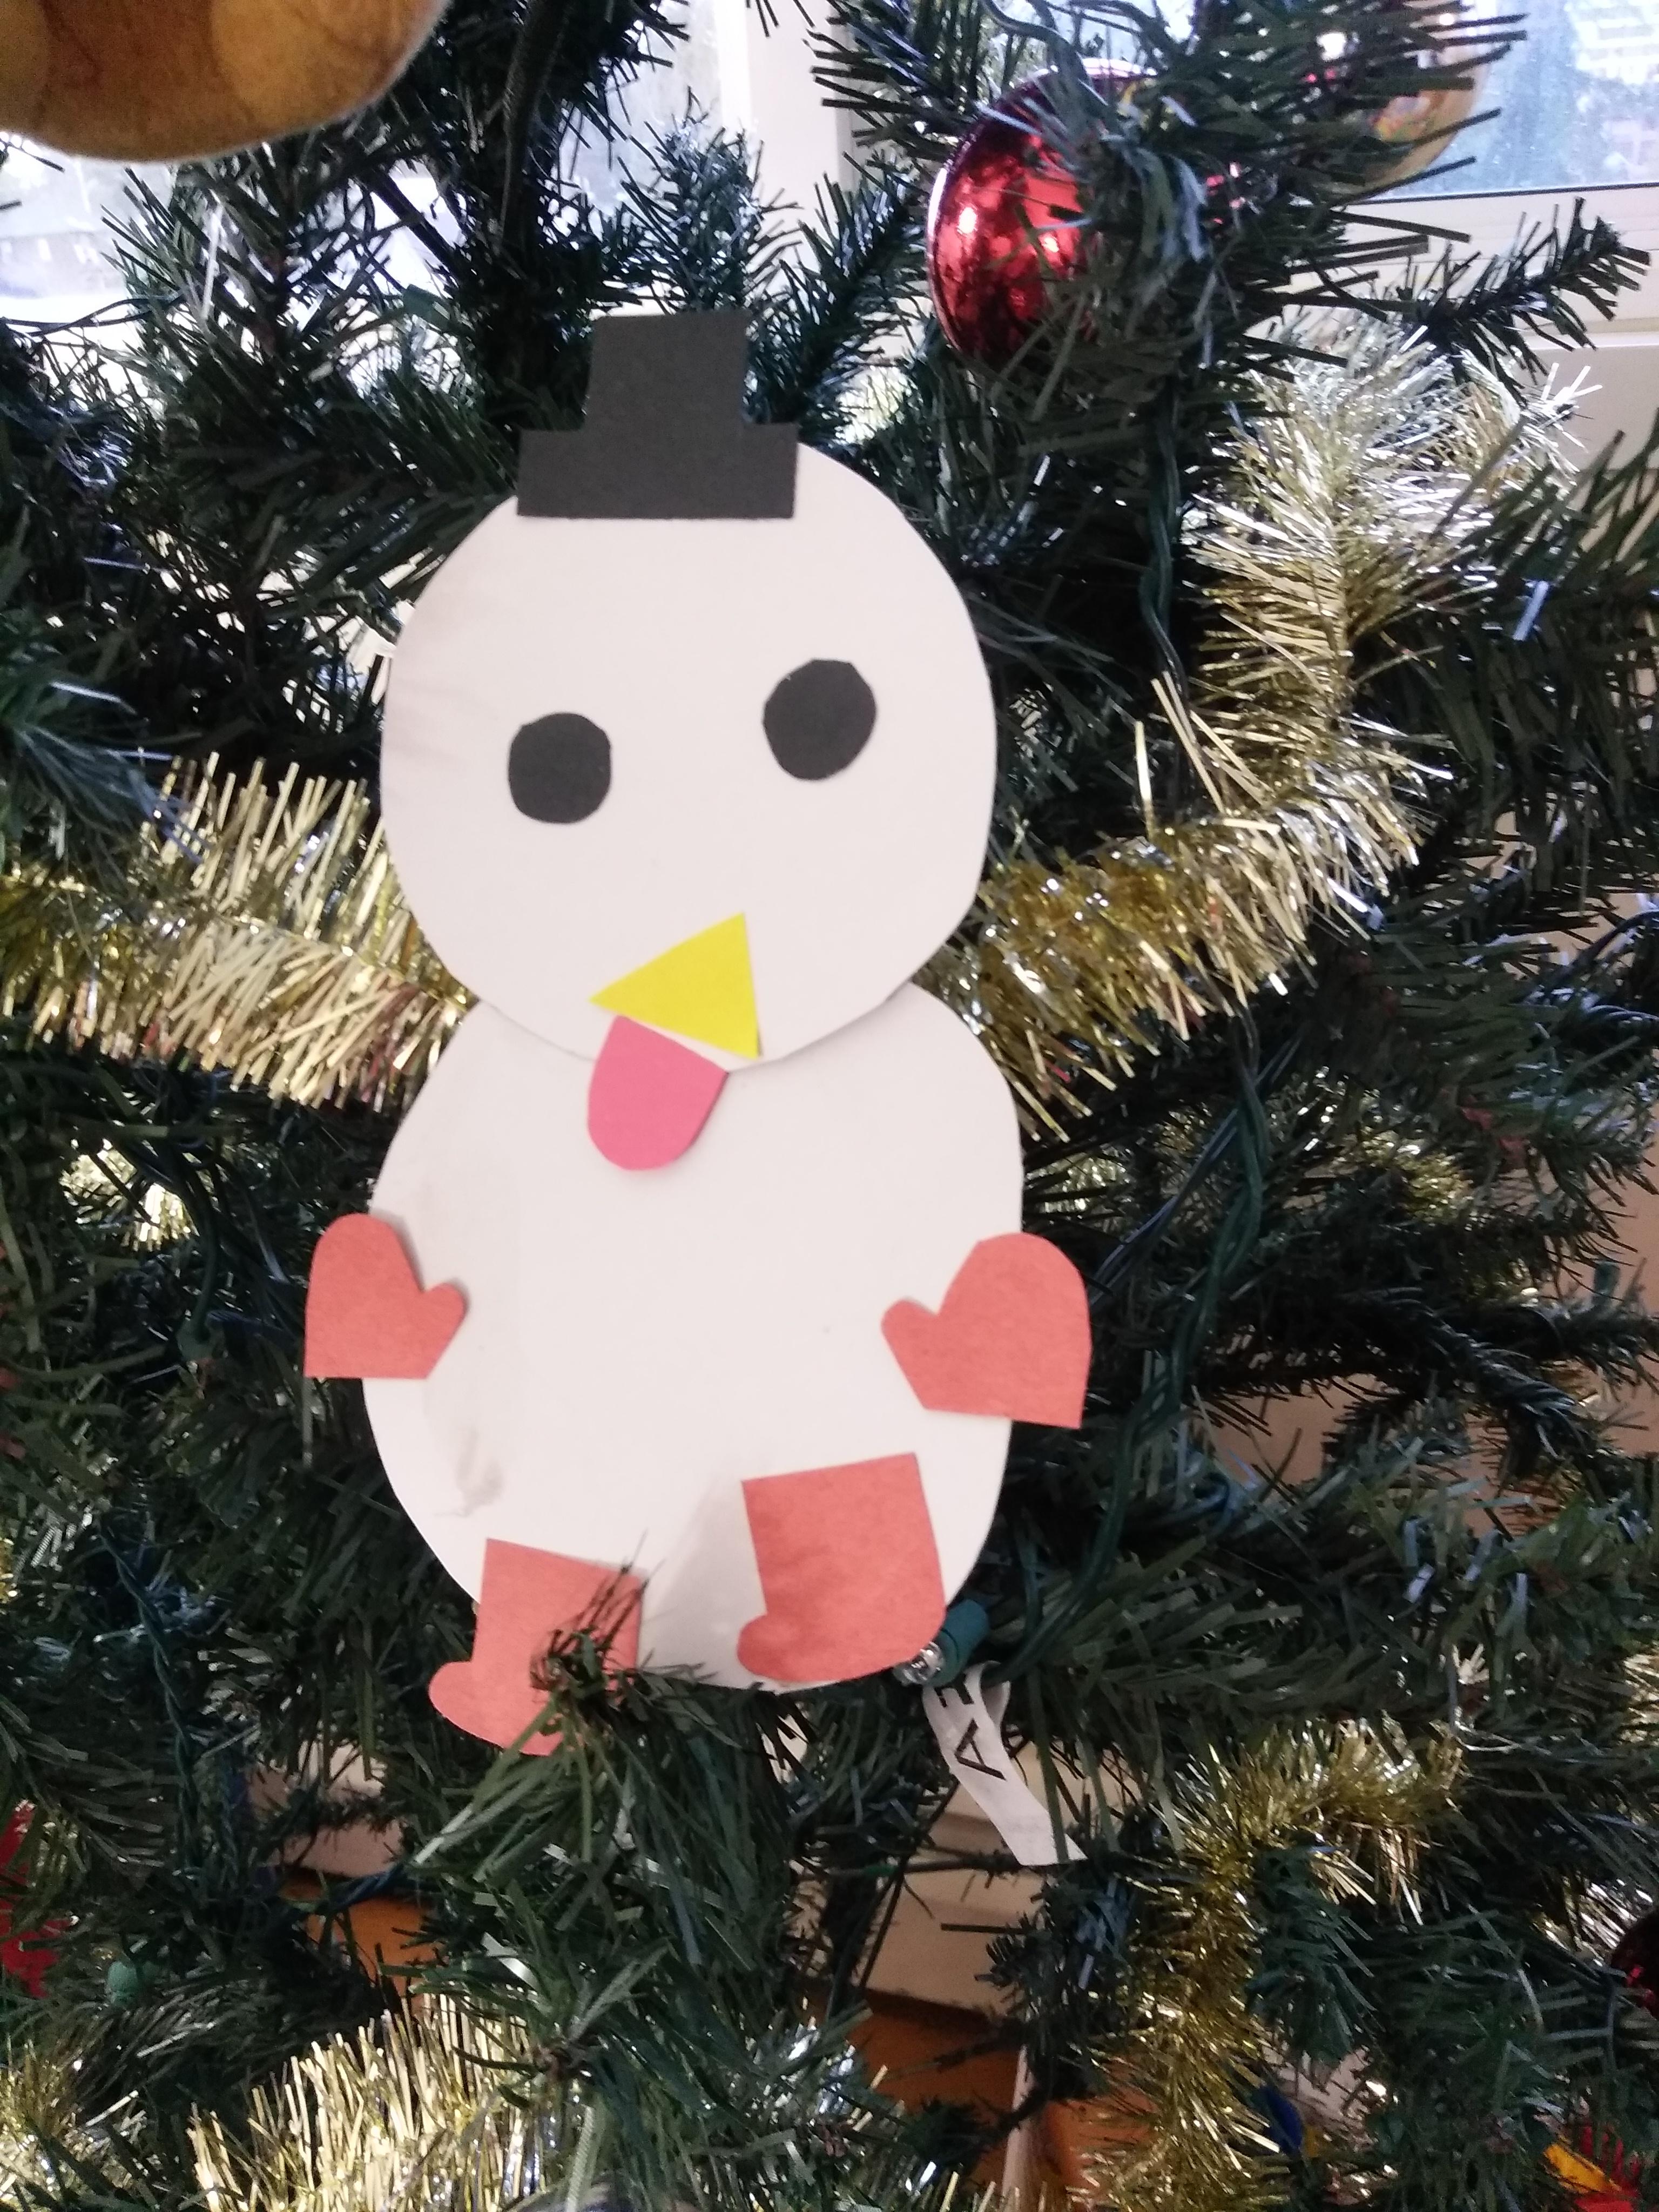 娘が作った雪だるまのクラフトをツリーに飾っている写真